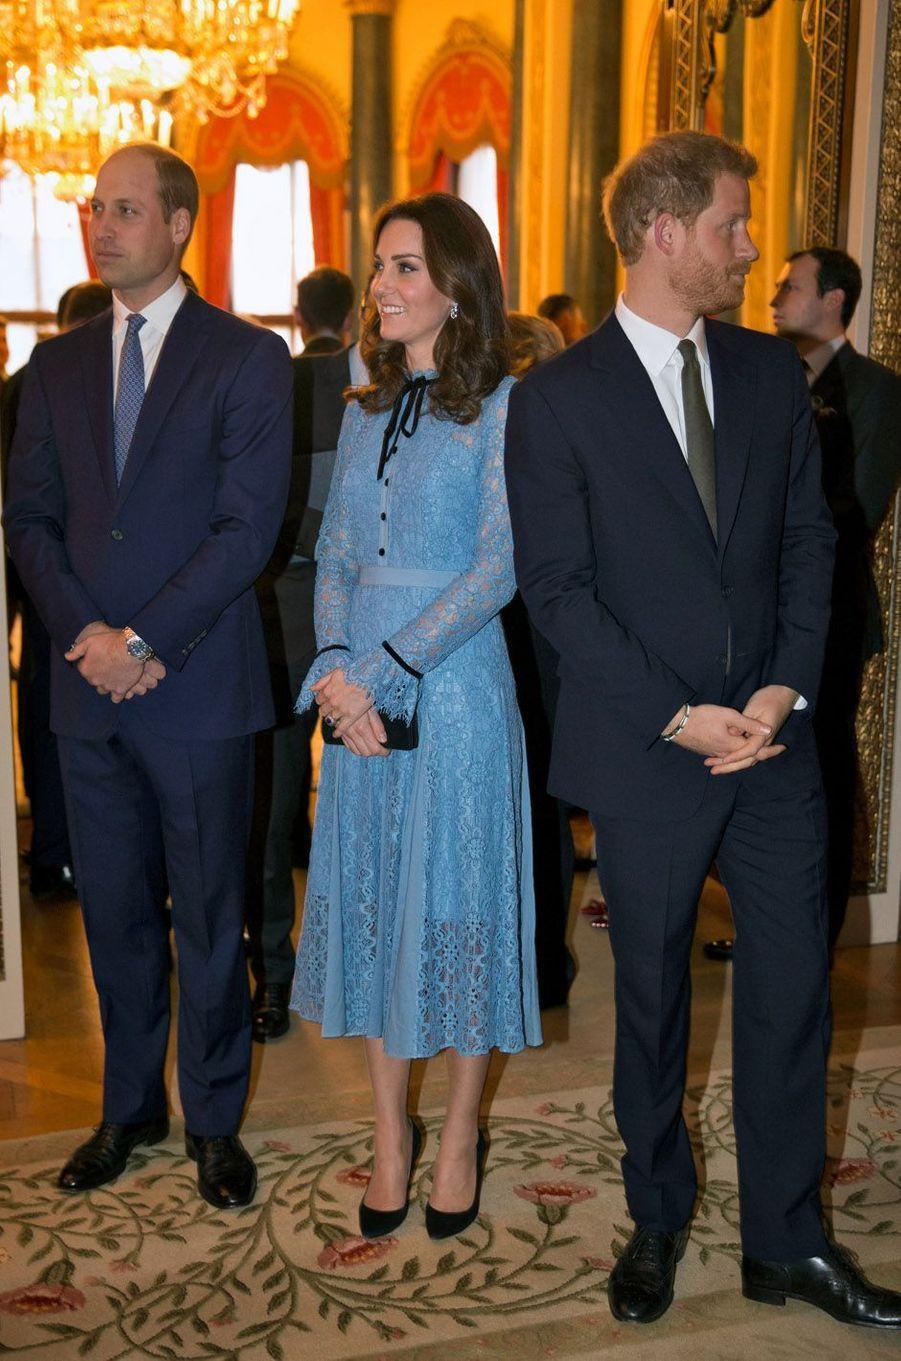 Une réception a été donnée à Buckingham Palace, en hommage aux travailleurs du milieu psychiatrique en Angleterre.